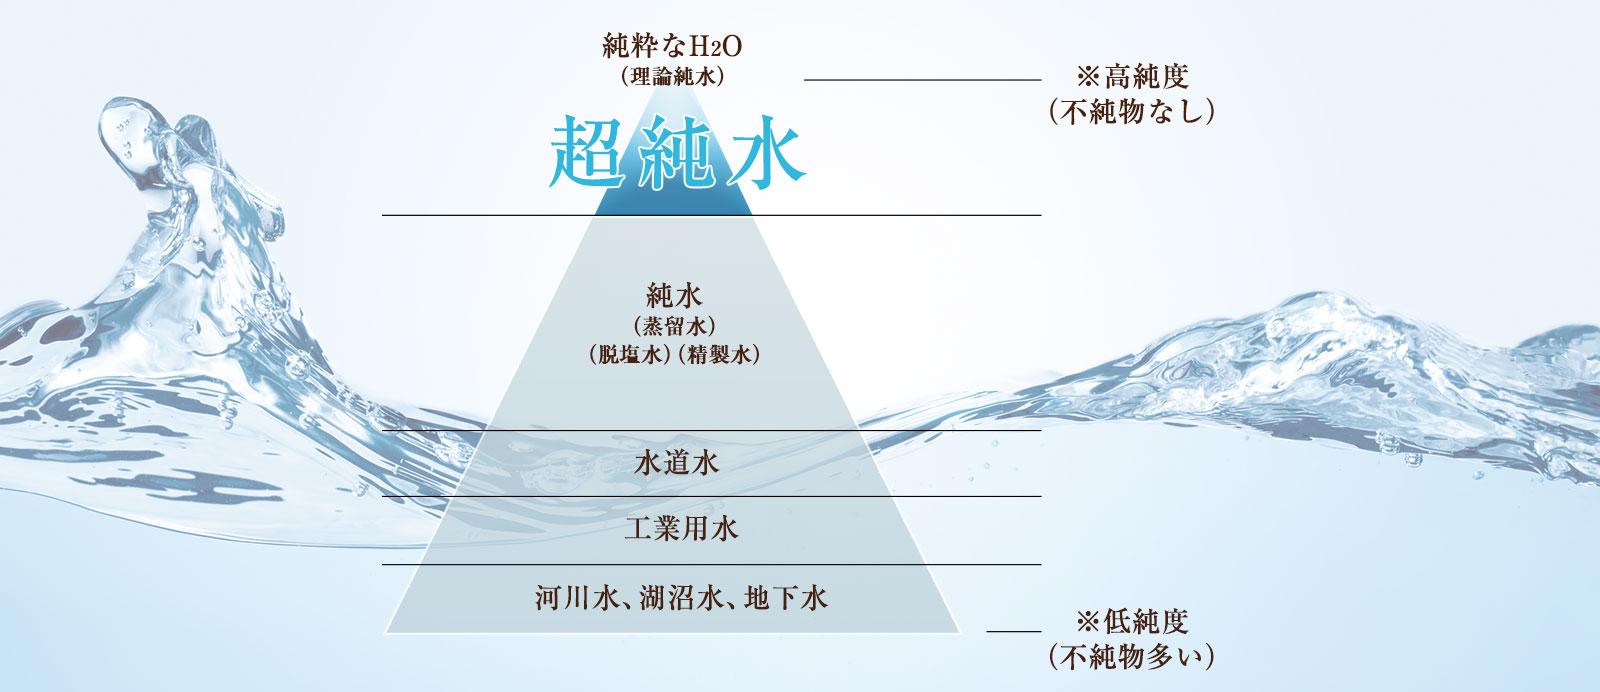 超純水なH2Oから低純度のものの階層